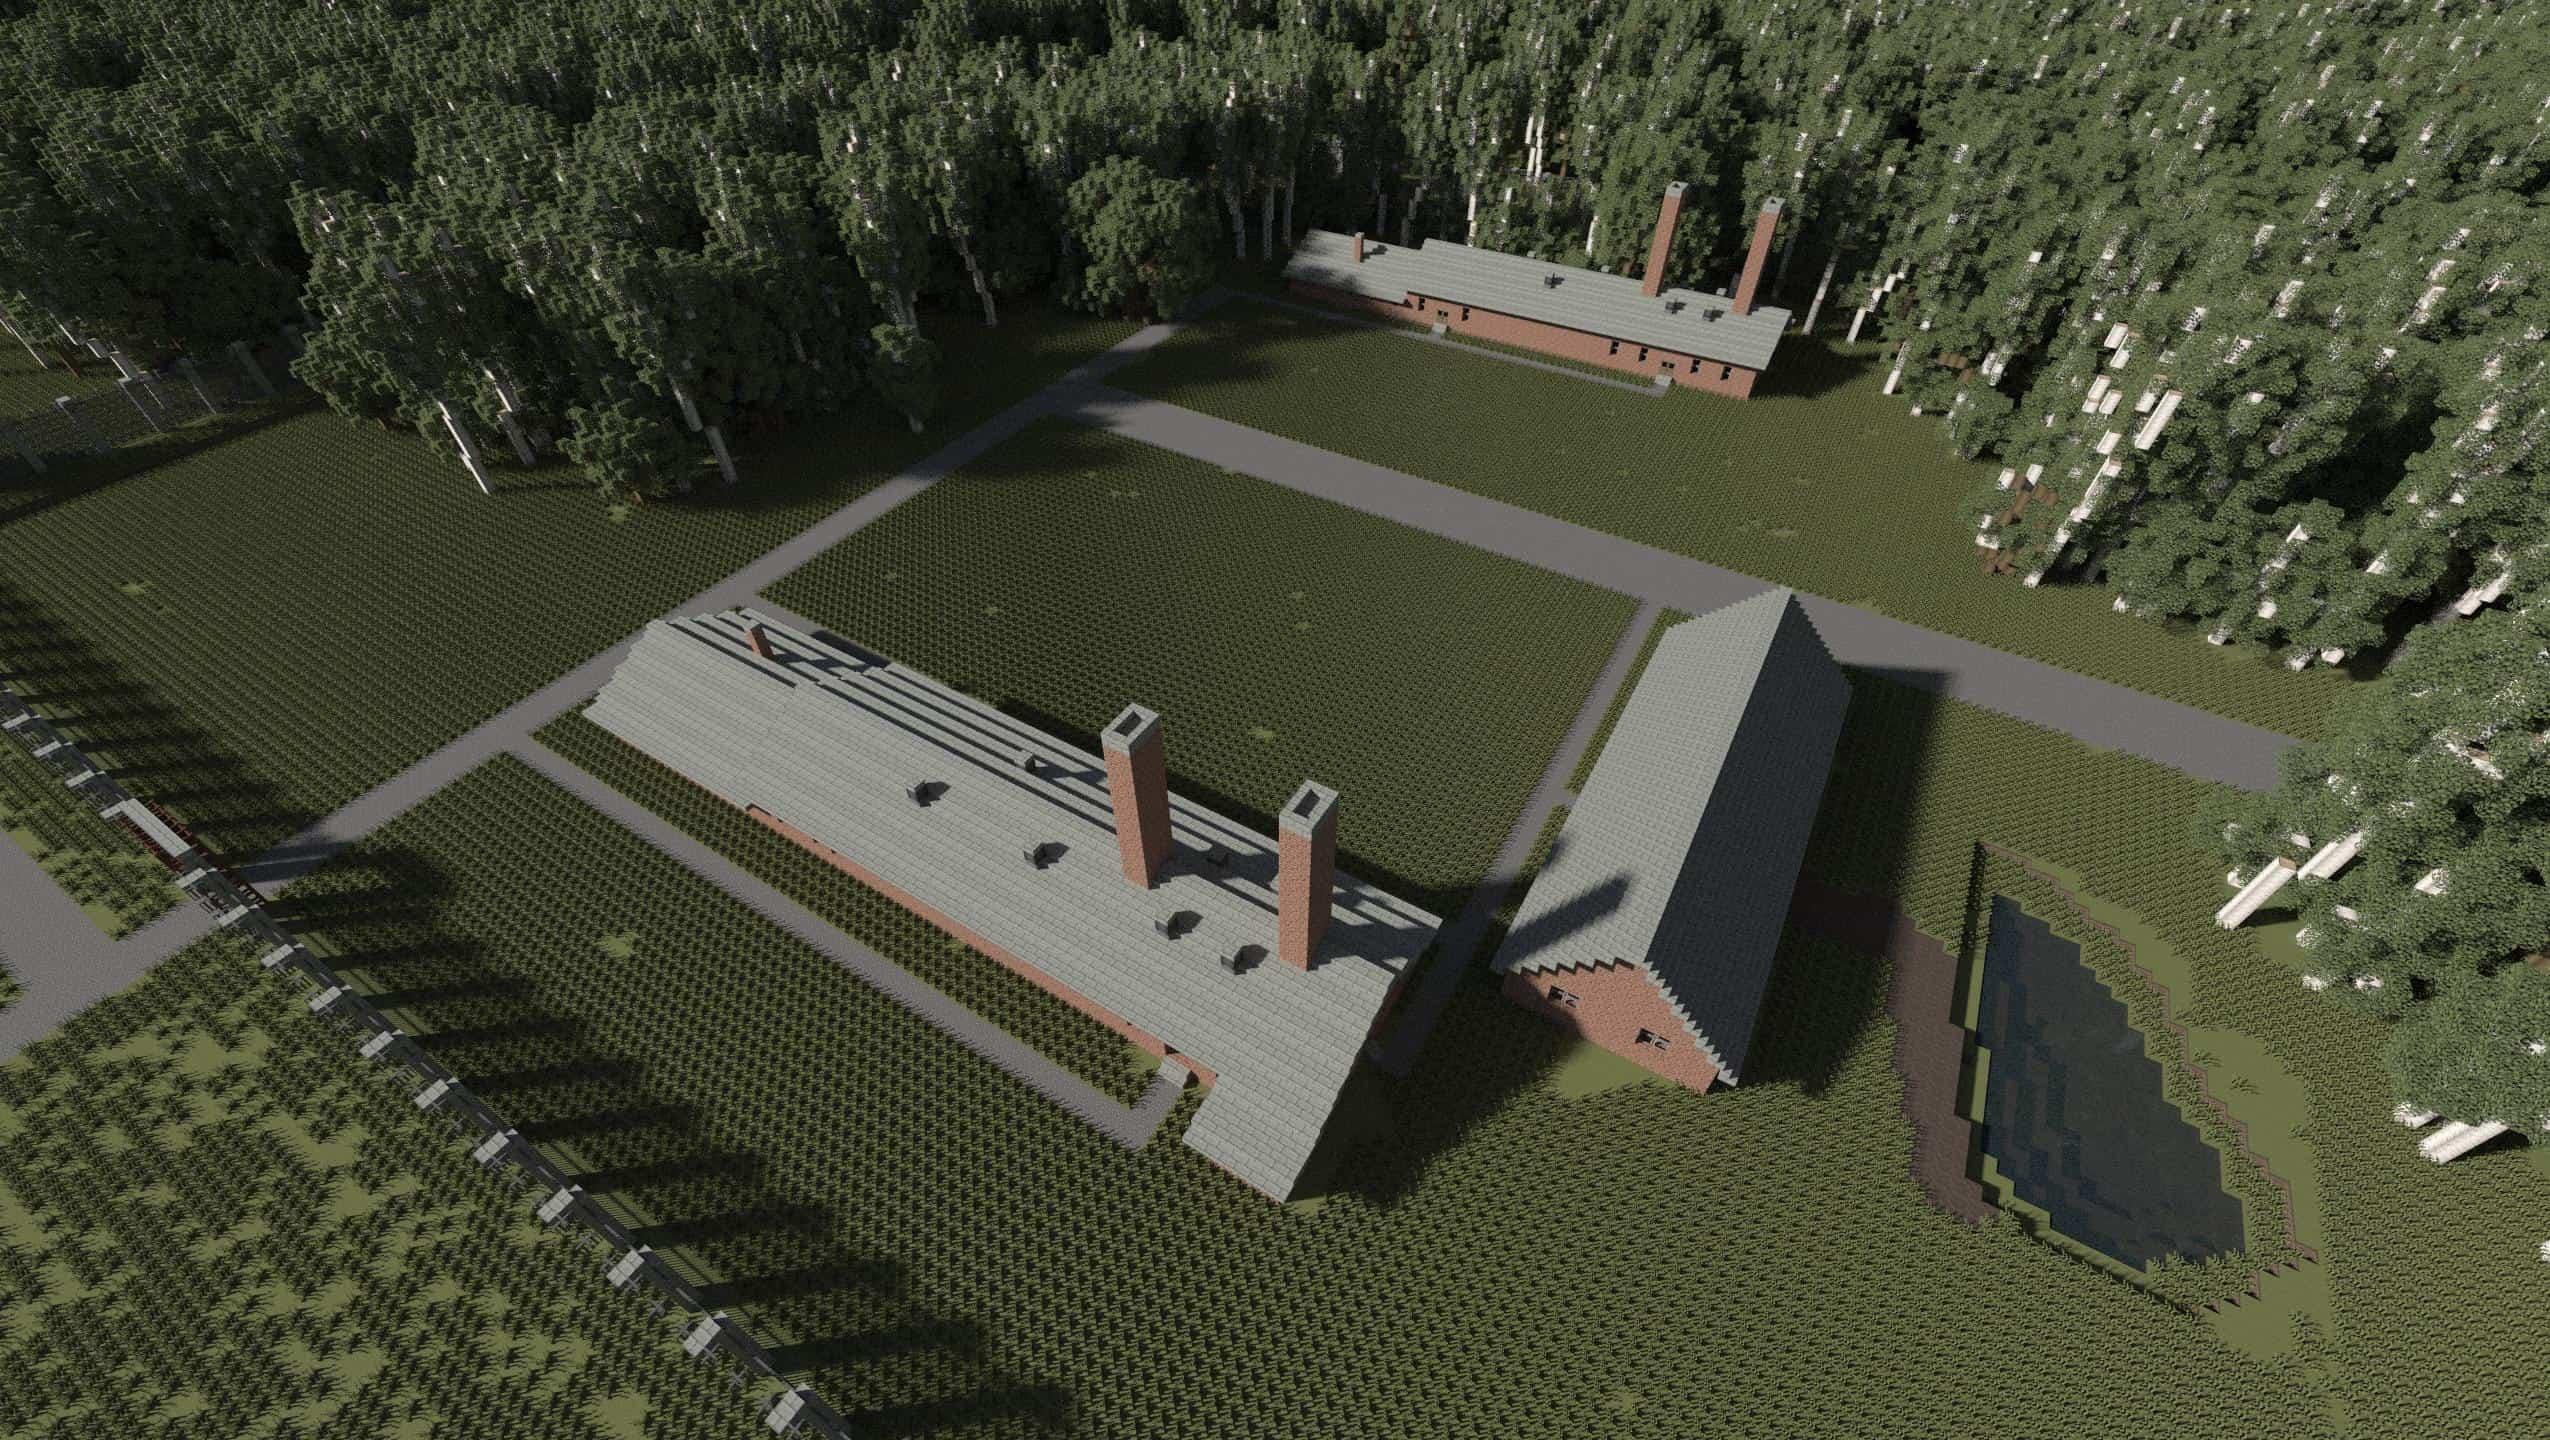 AUSCHWITZ-BIRKENAU, OSWIECIM, POLAND minecraft building ideas 5